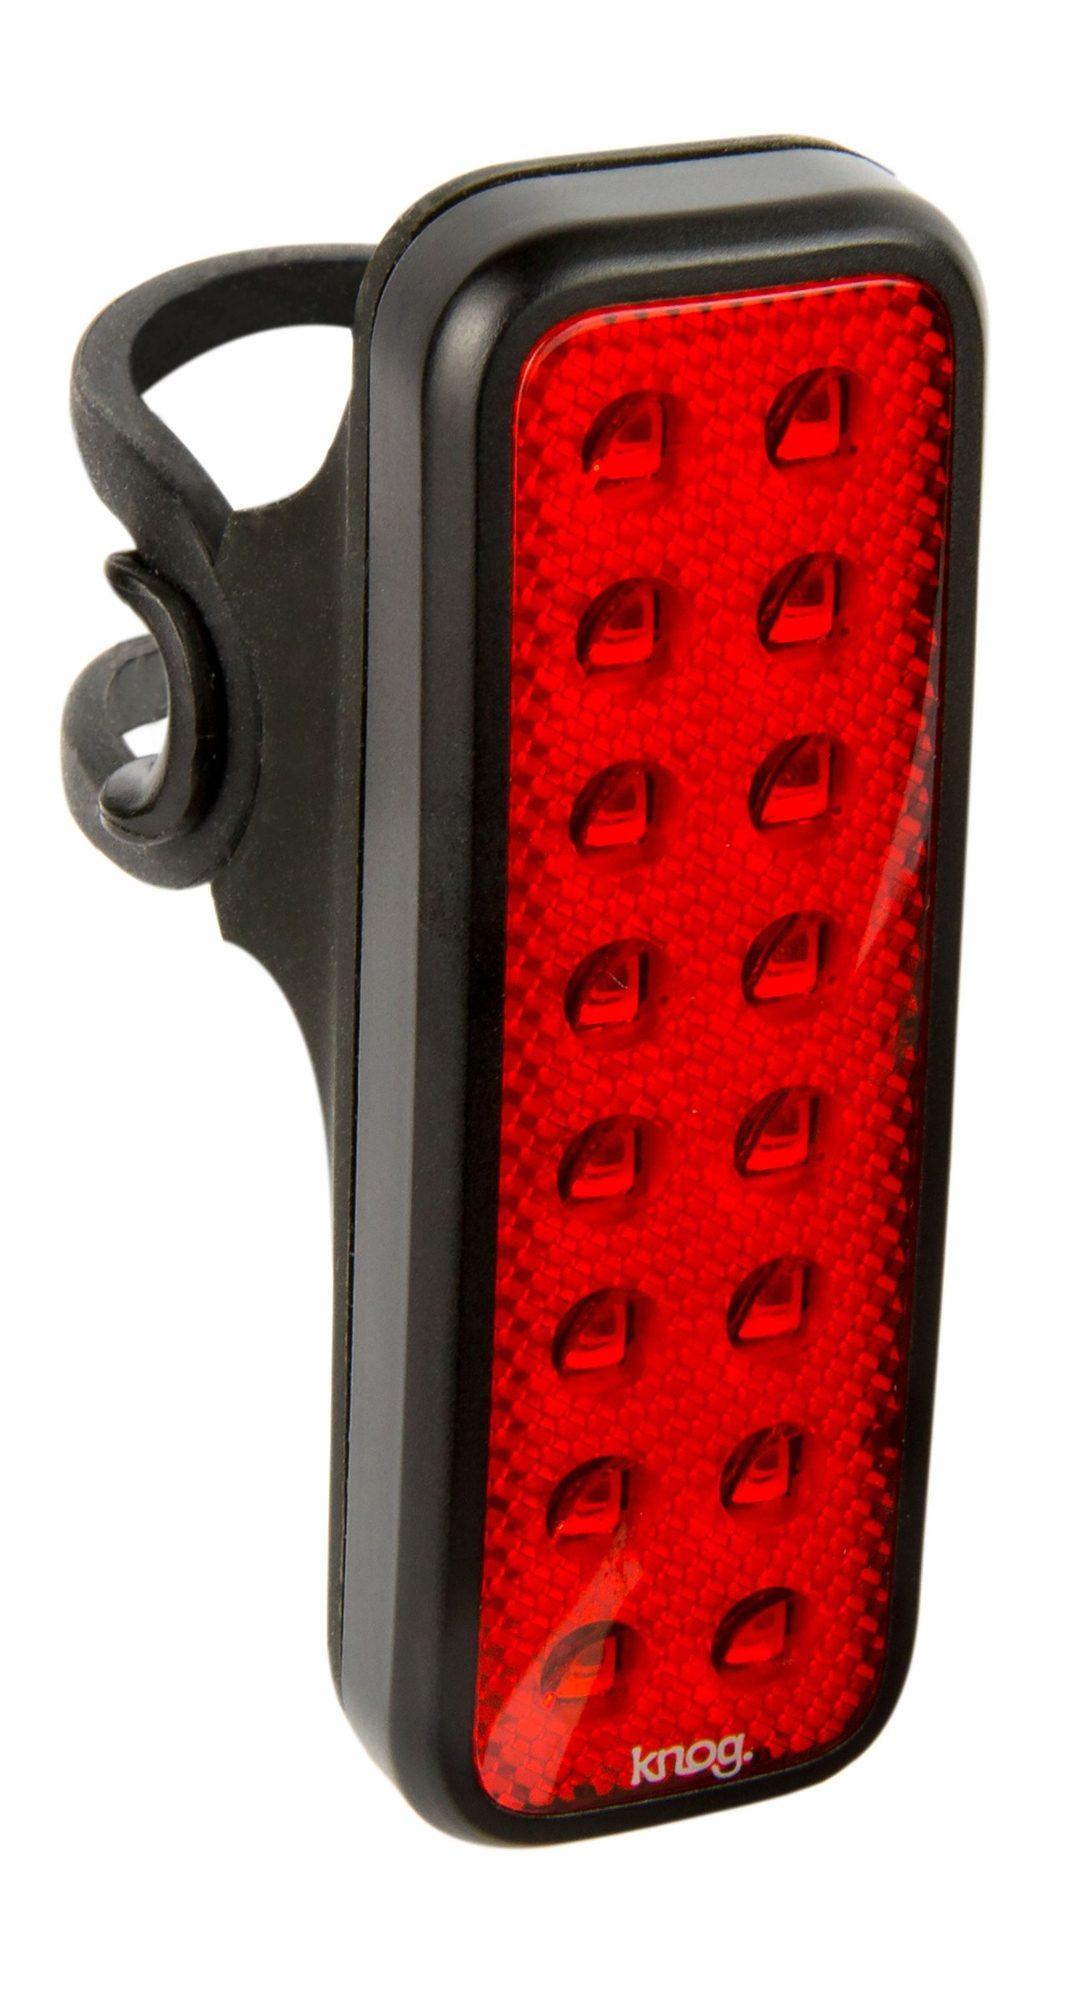 Knog Fahrradbeleuchtung »Blinder MOB V Kid Grid Rücklicht rote LED«